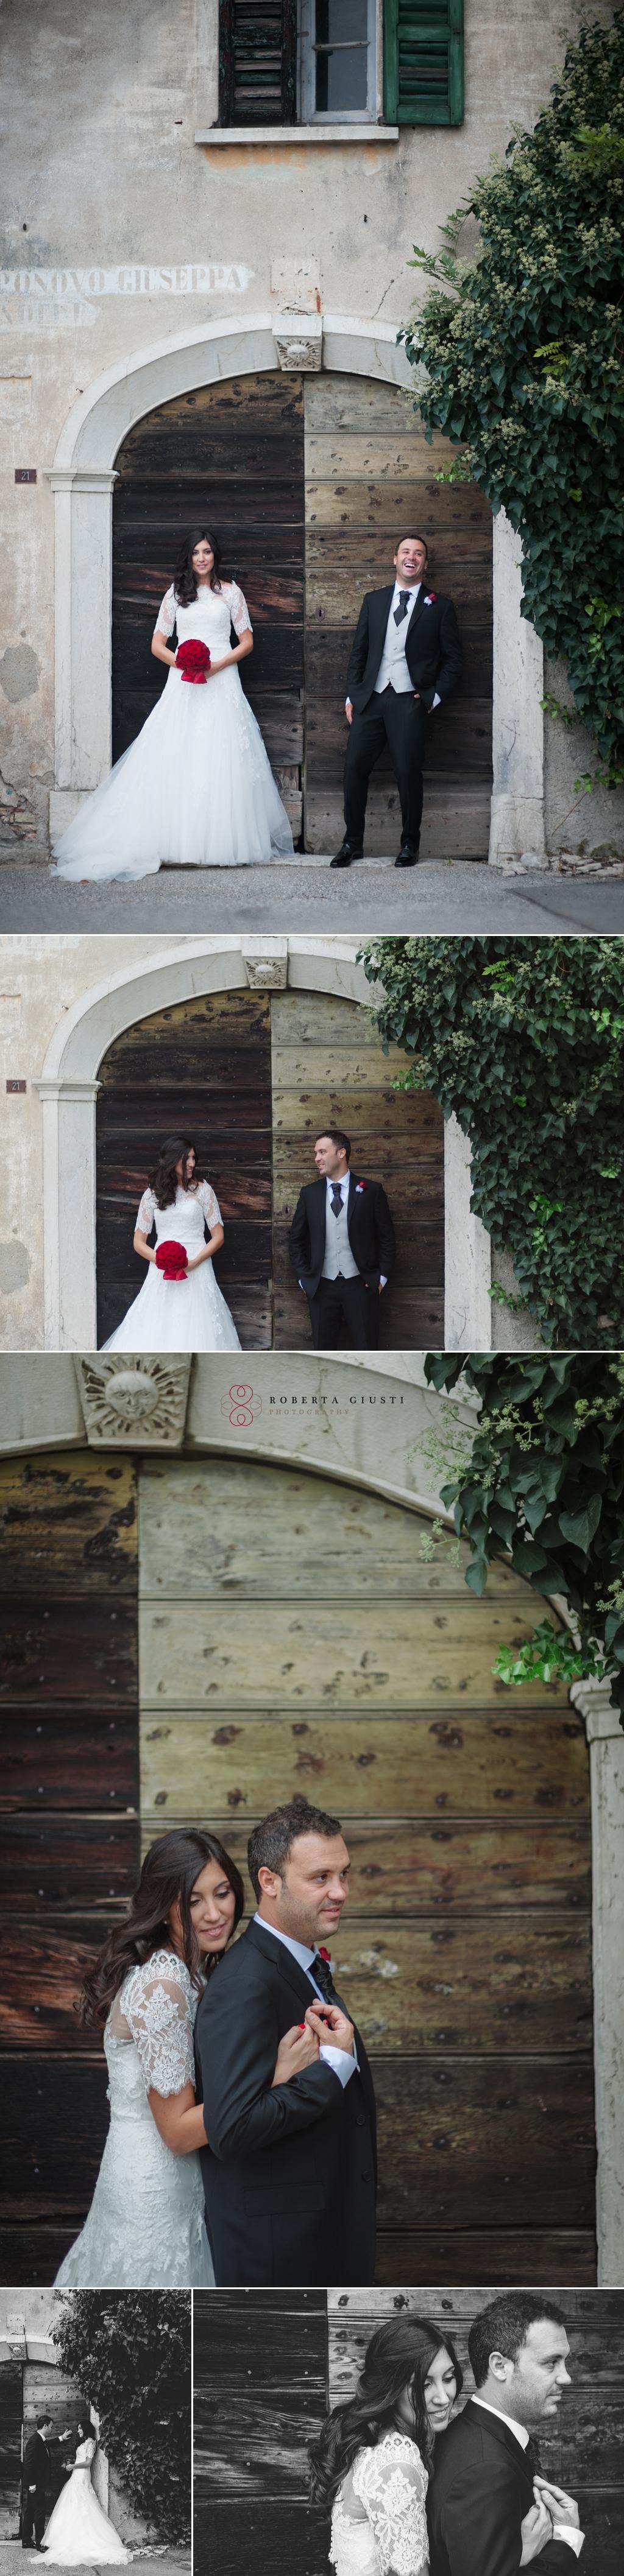 fotografia matrimonio ritratti di coppia